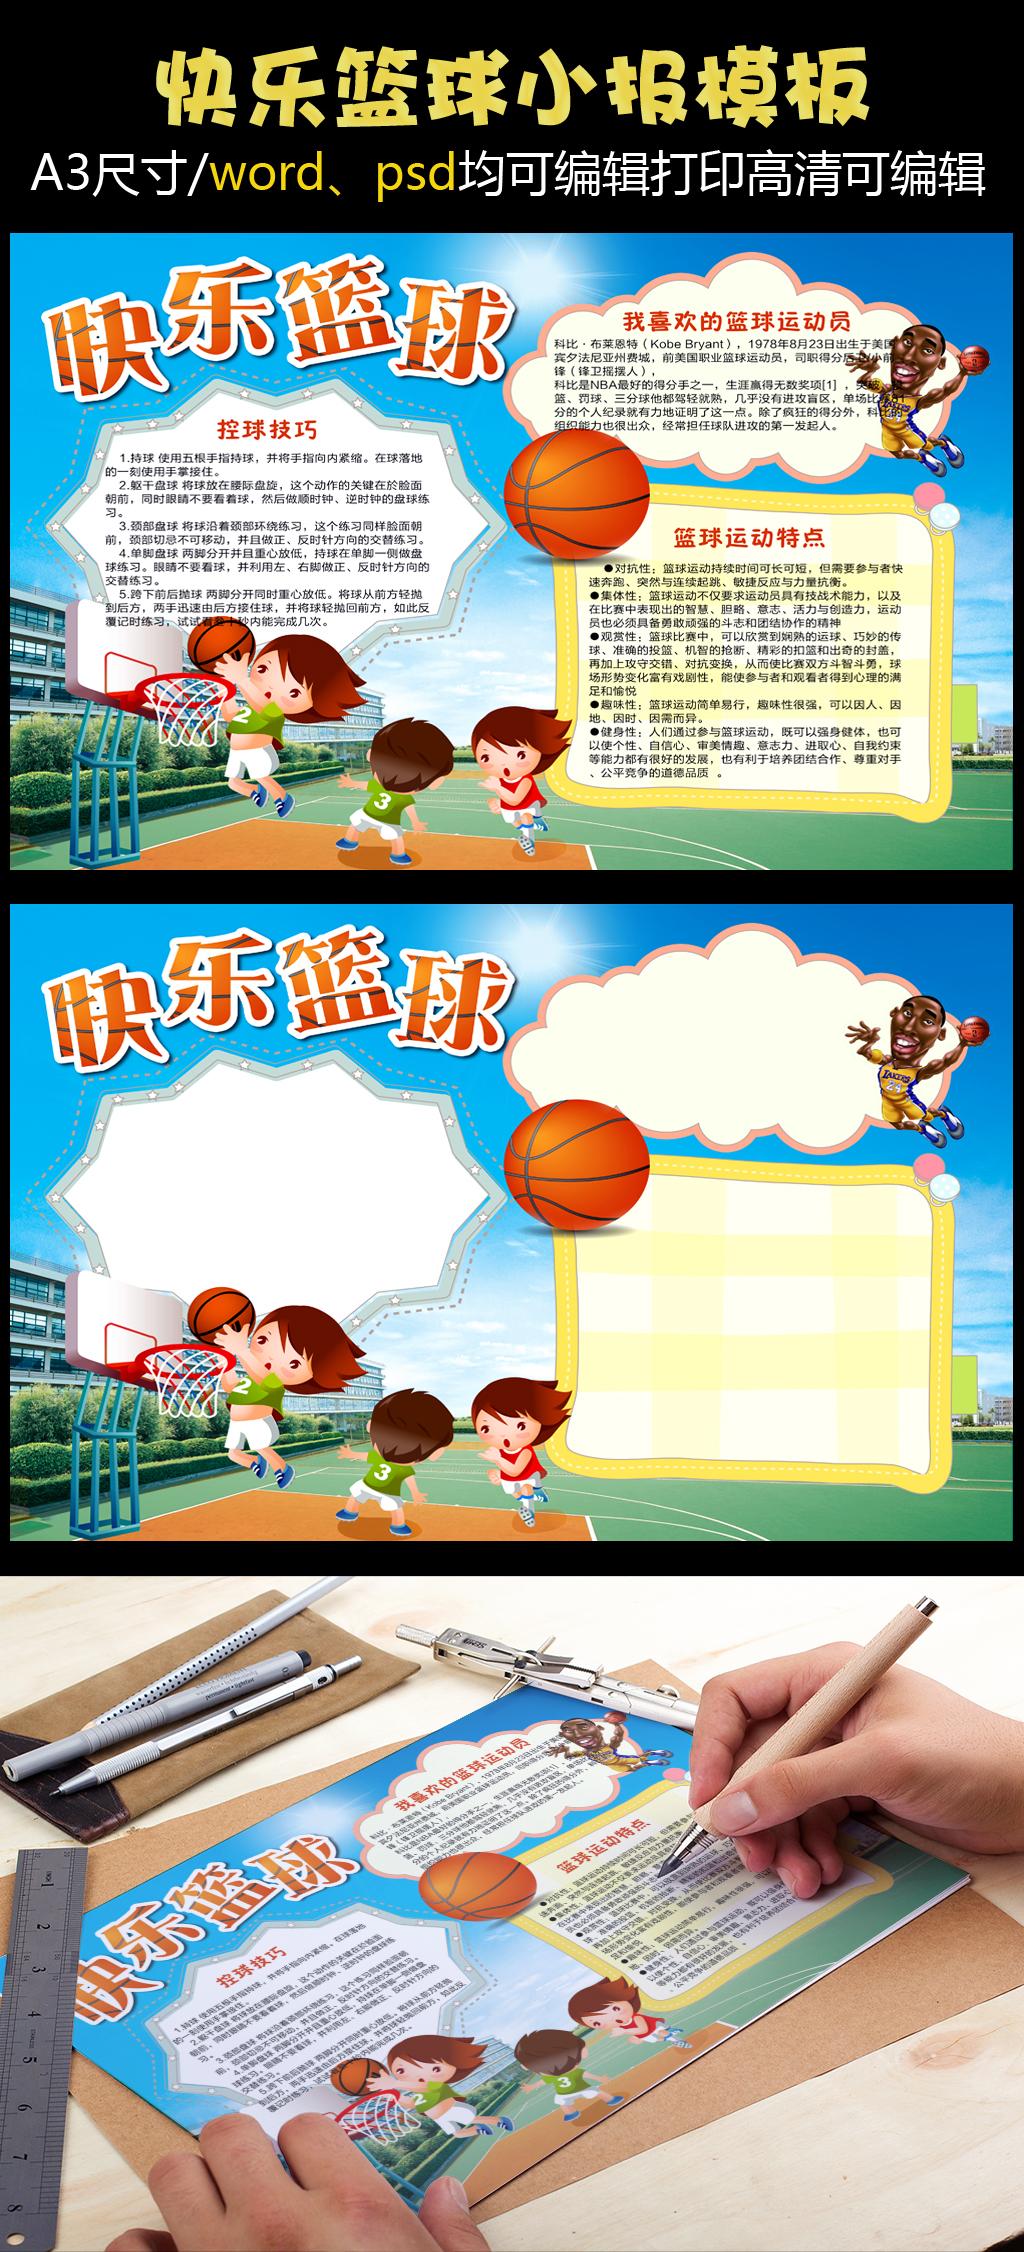 快乐篮球体育运动小学生手抄报小报模.图片设计素材图片